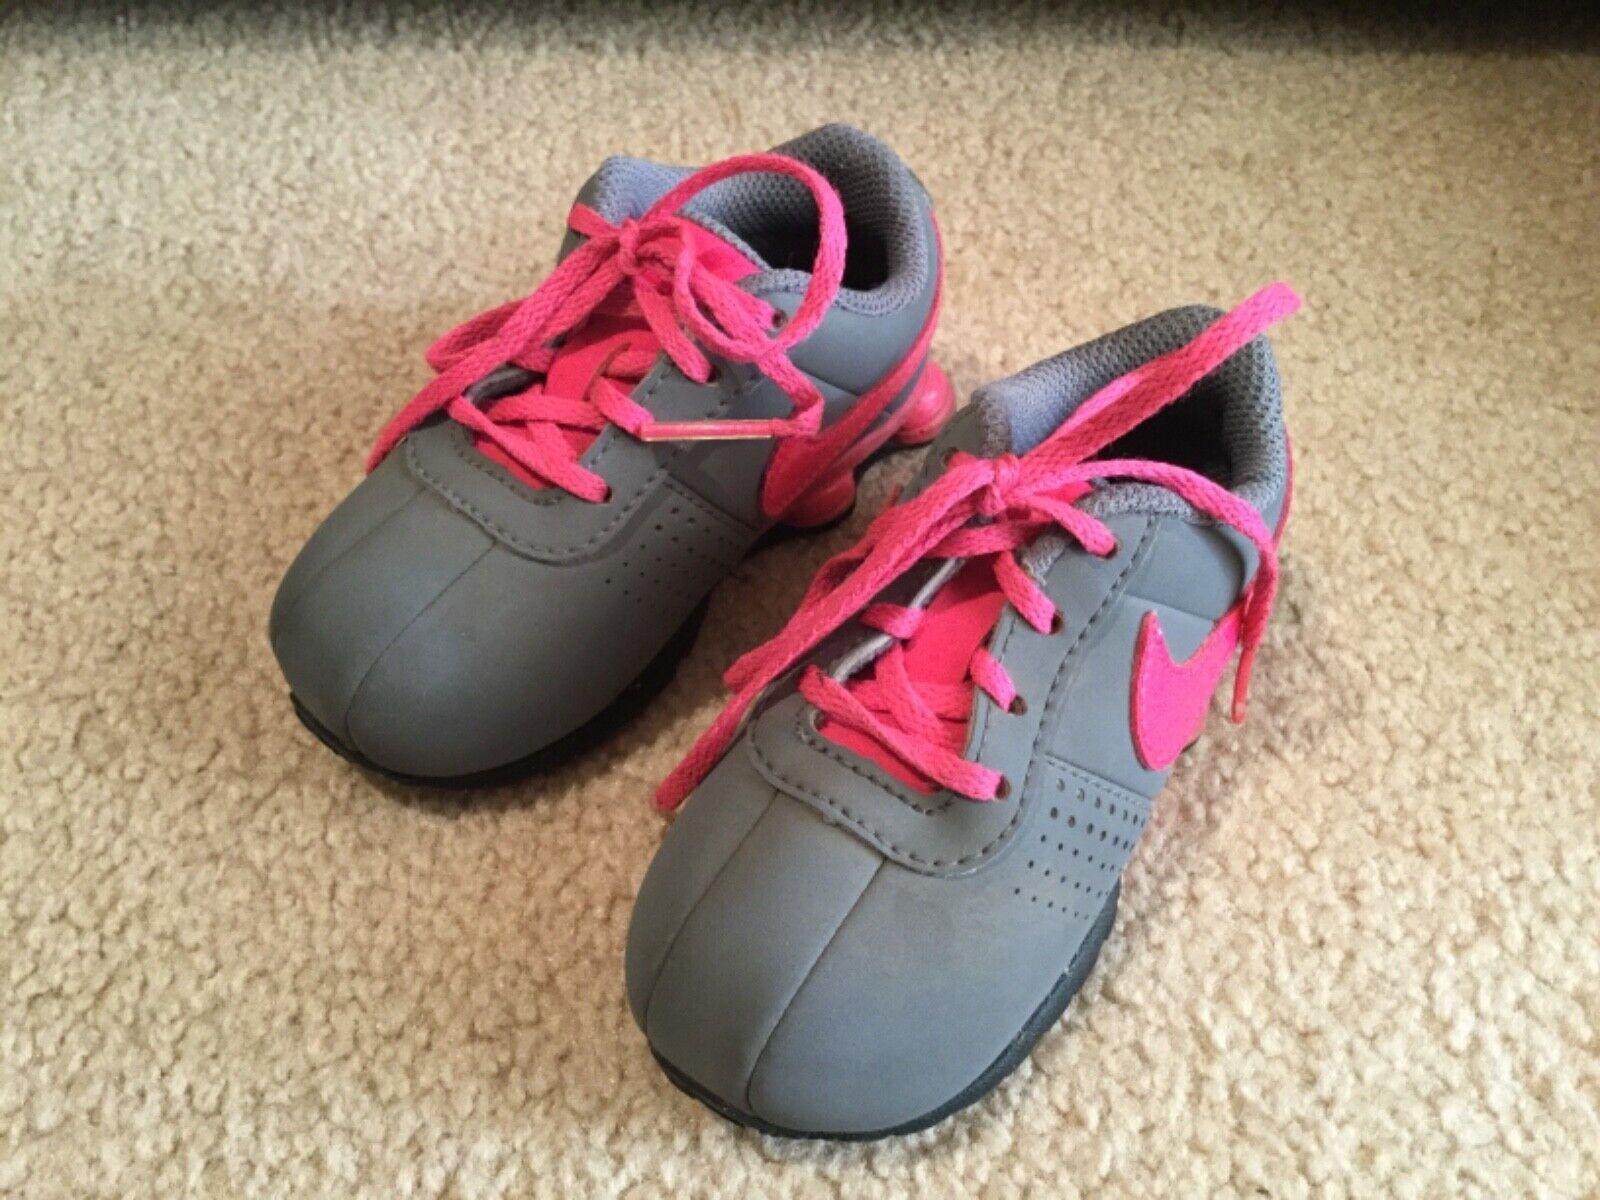 Nike Toddler Baby Girls T Run 4 Size 3c